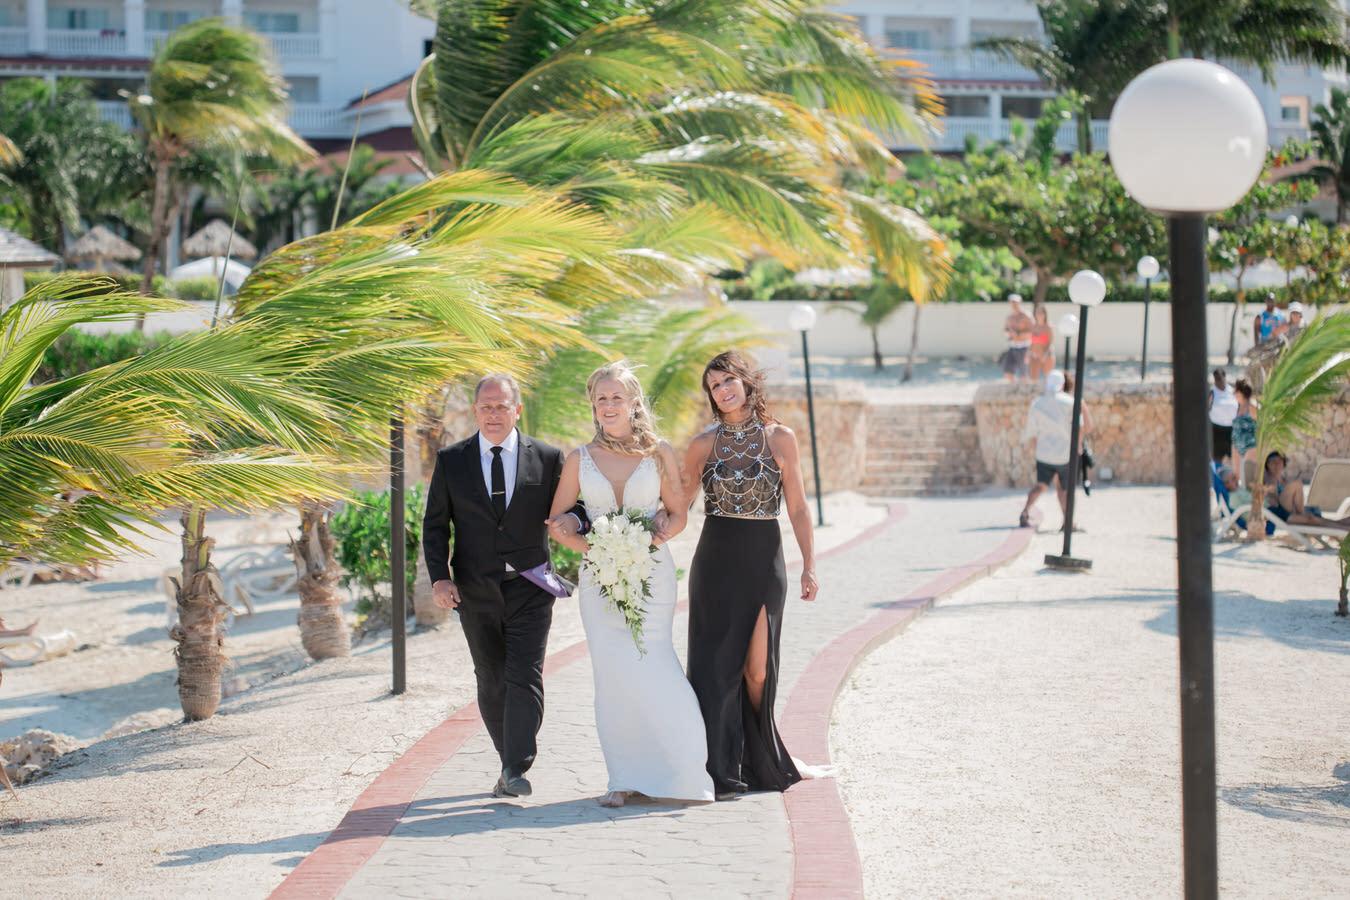 Ashley___Michael___Daniel_Ricci_Weddings_High_Res._Final_0136.jpg